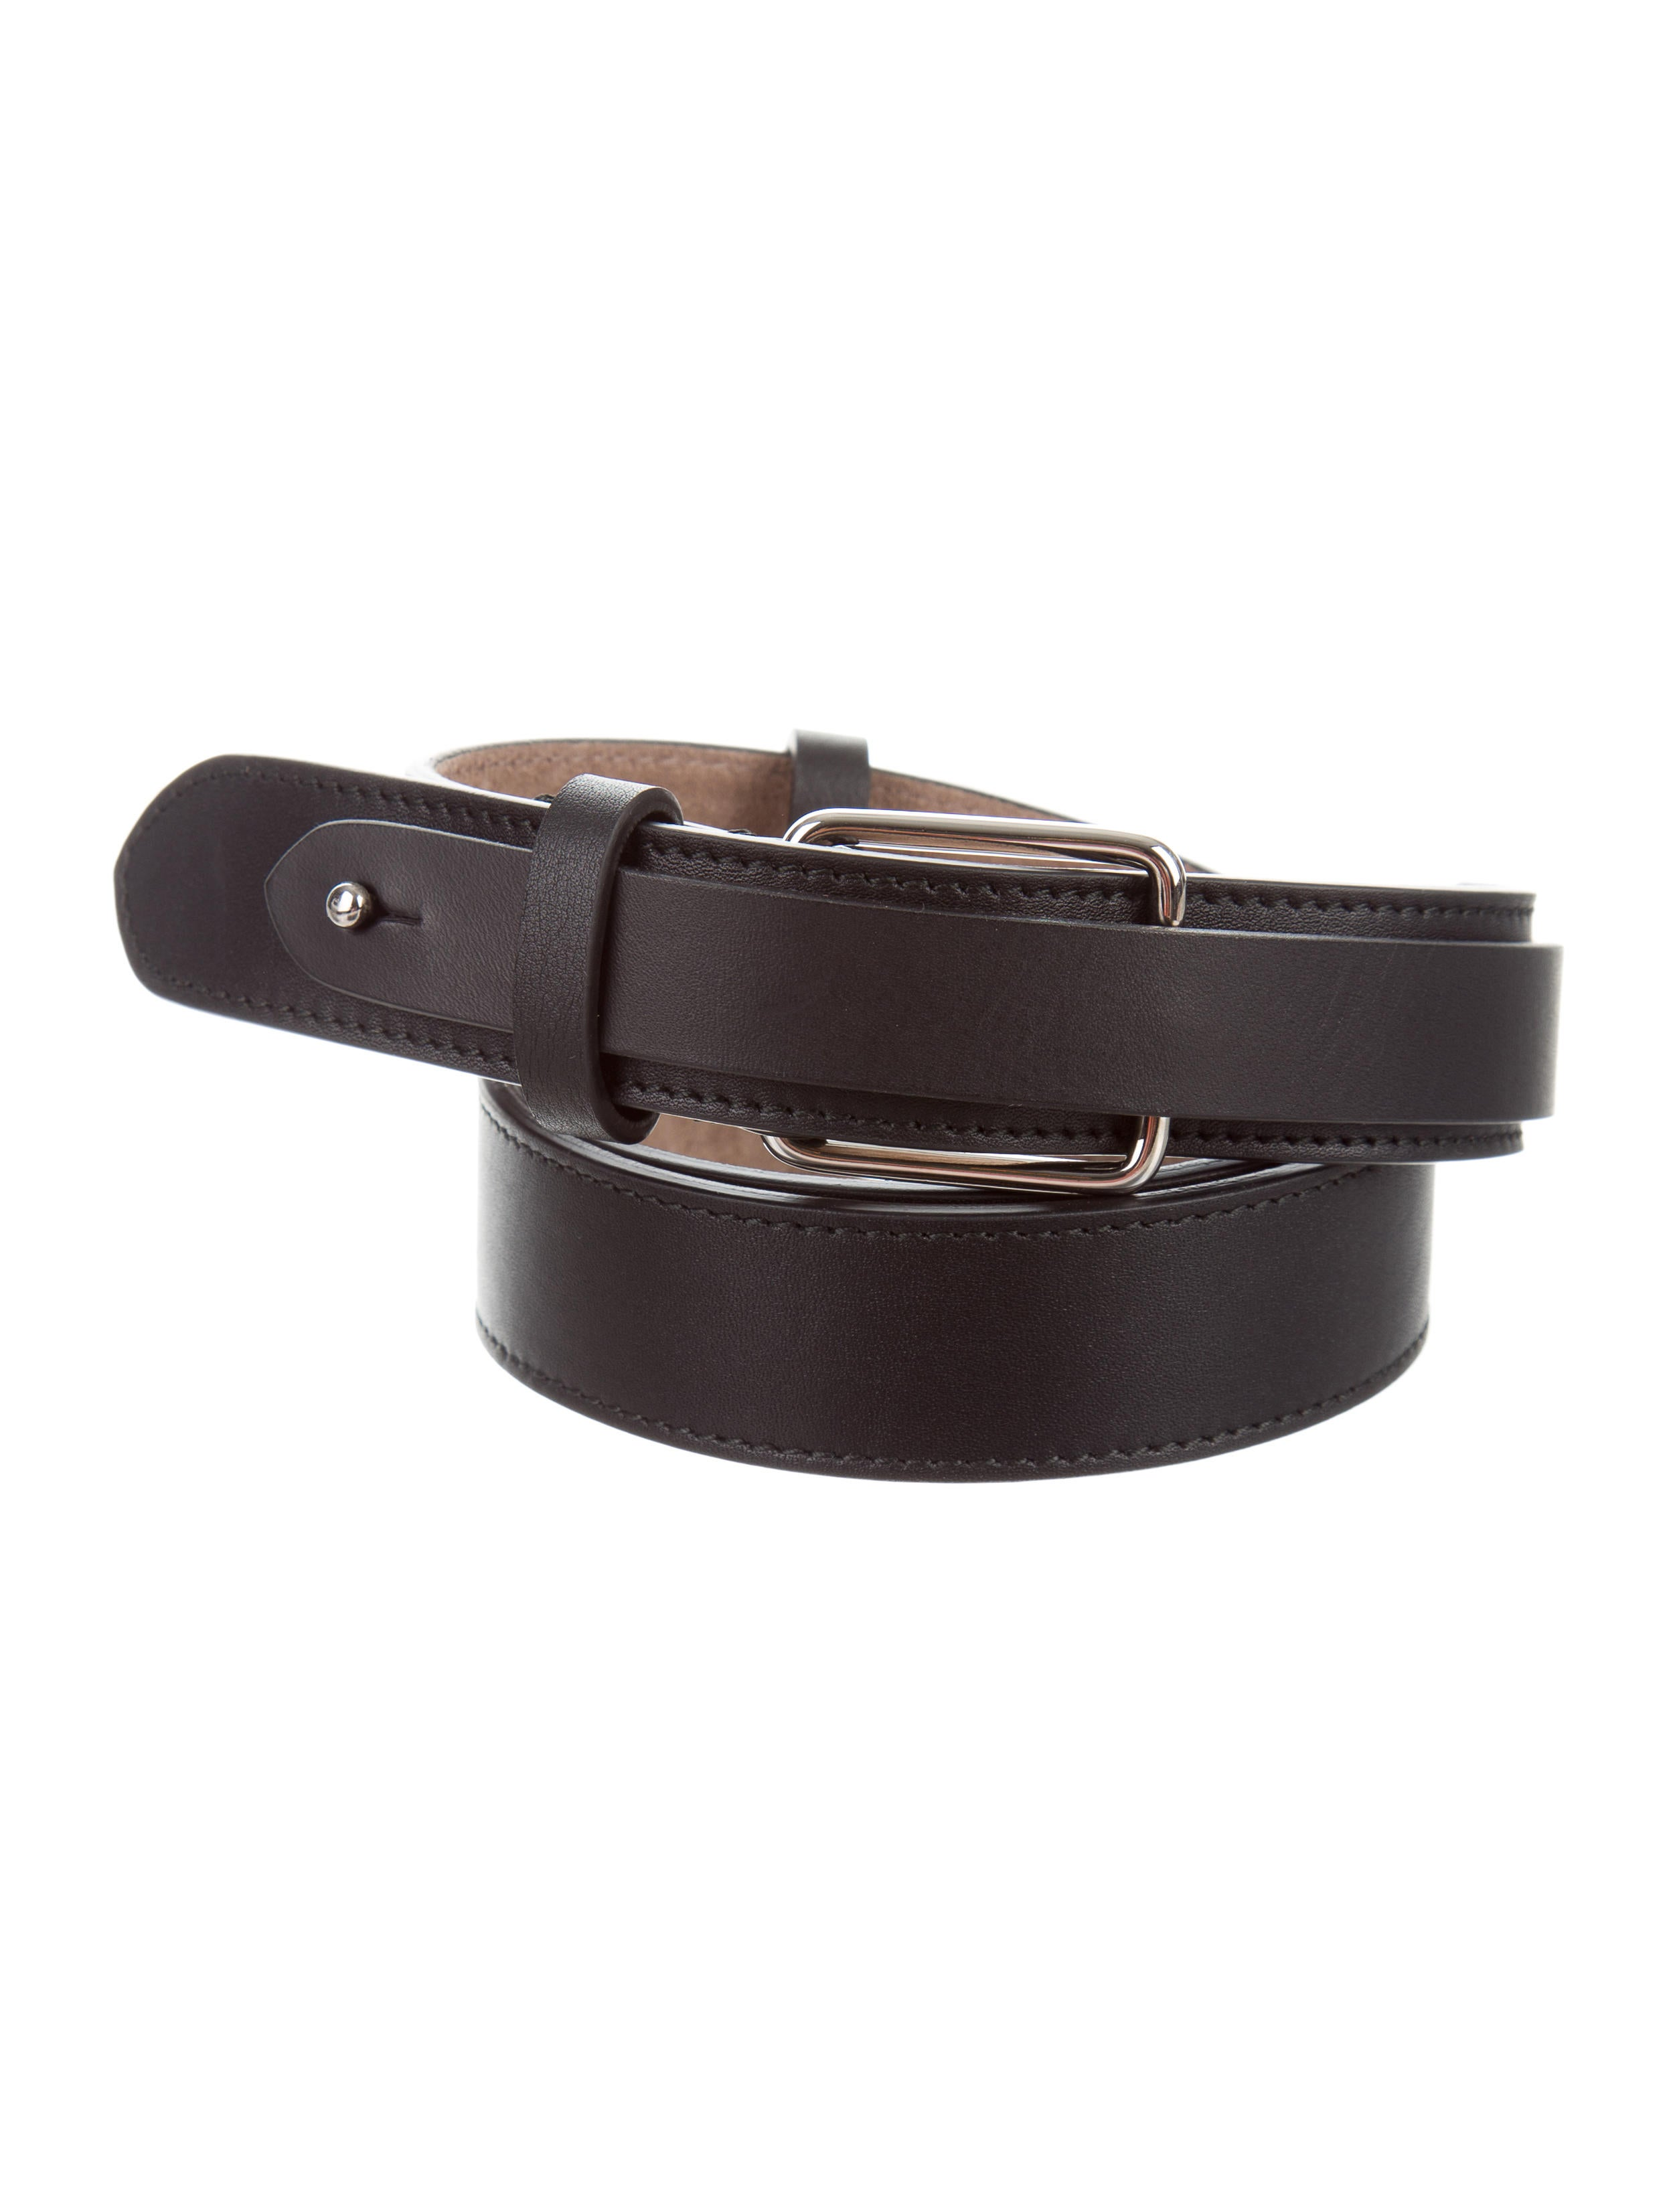 jil sander leather waist belt w tags accessories